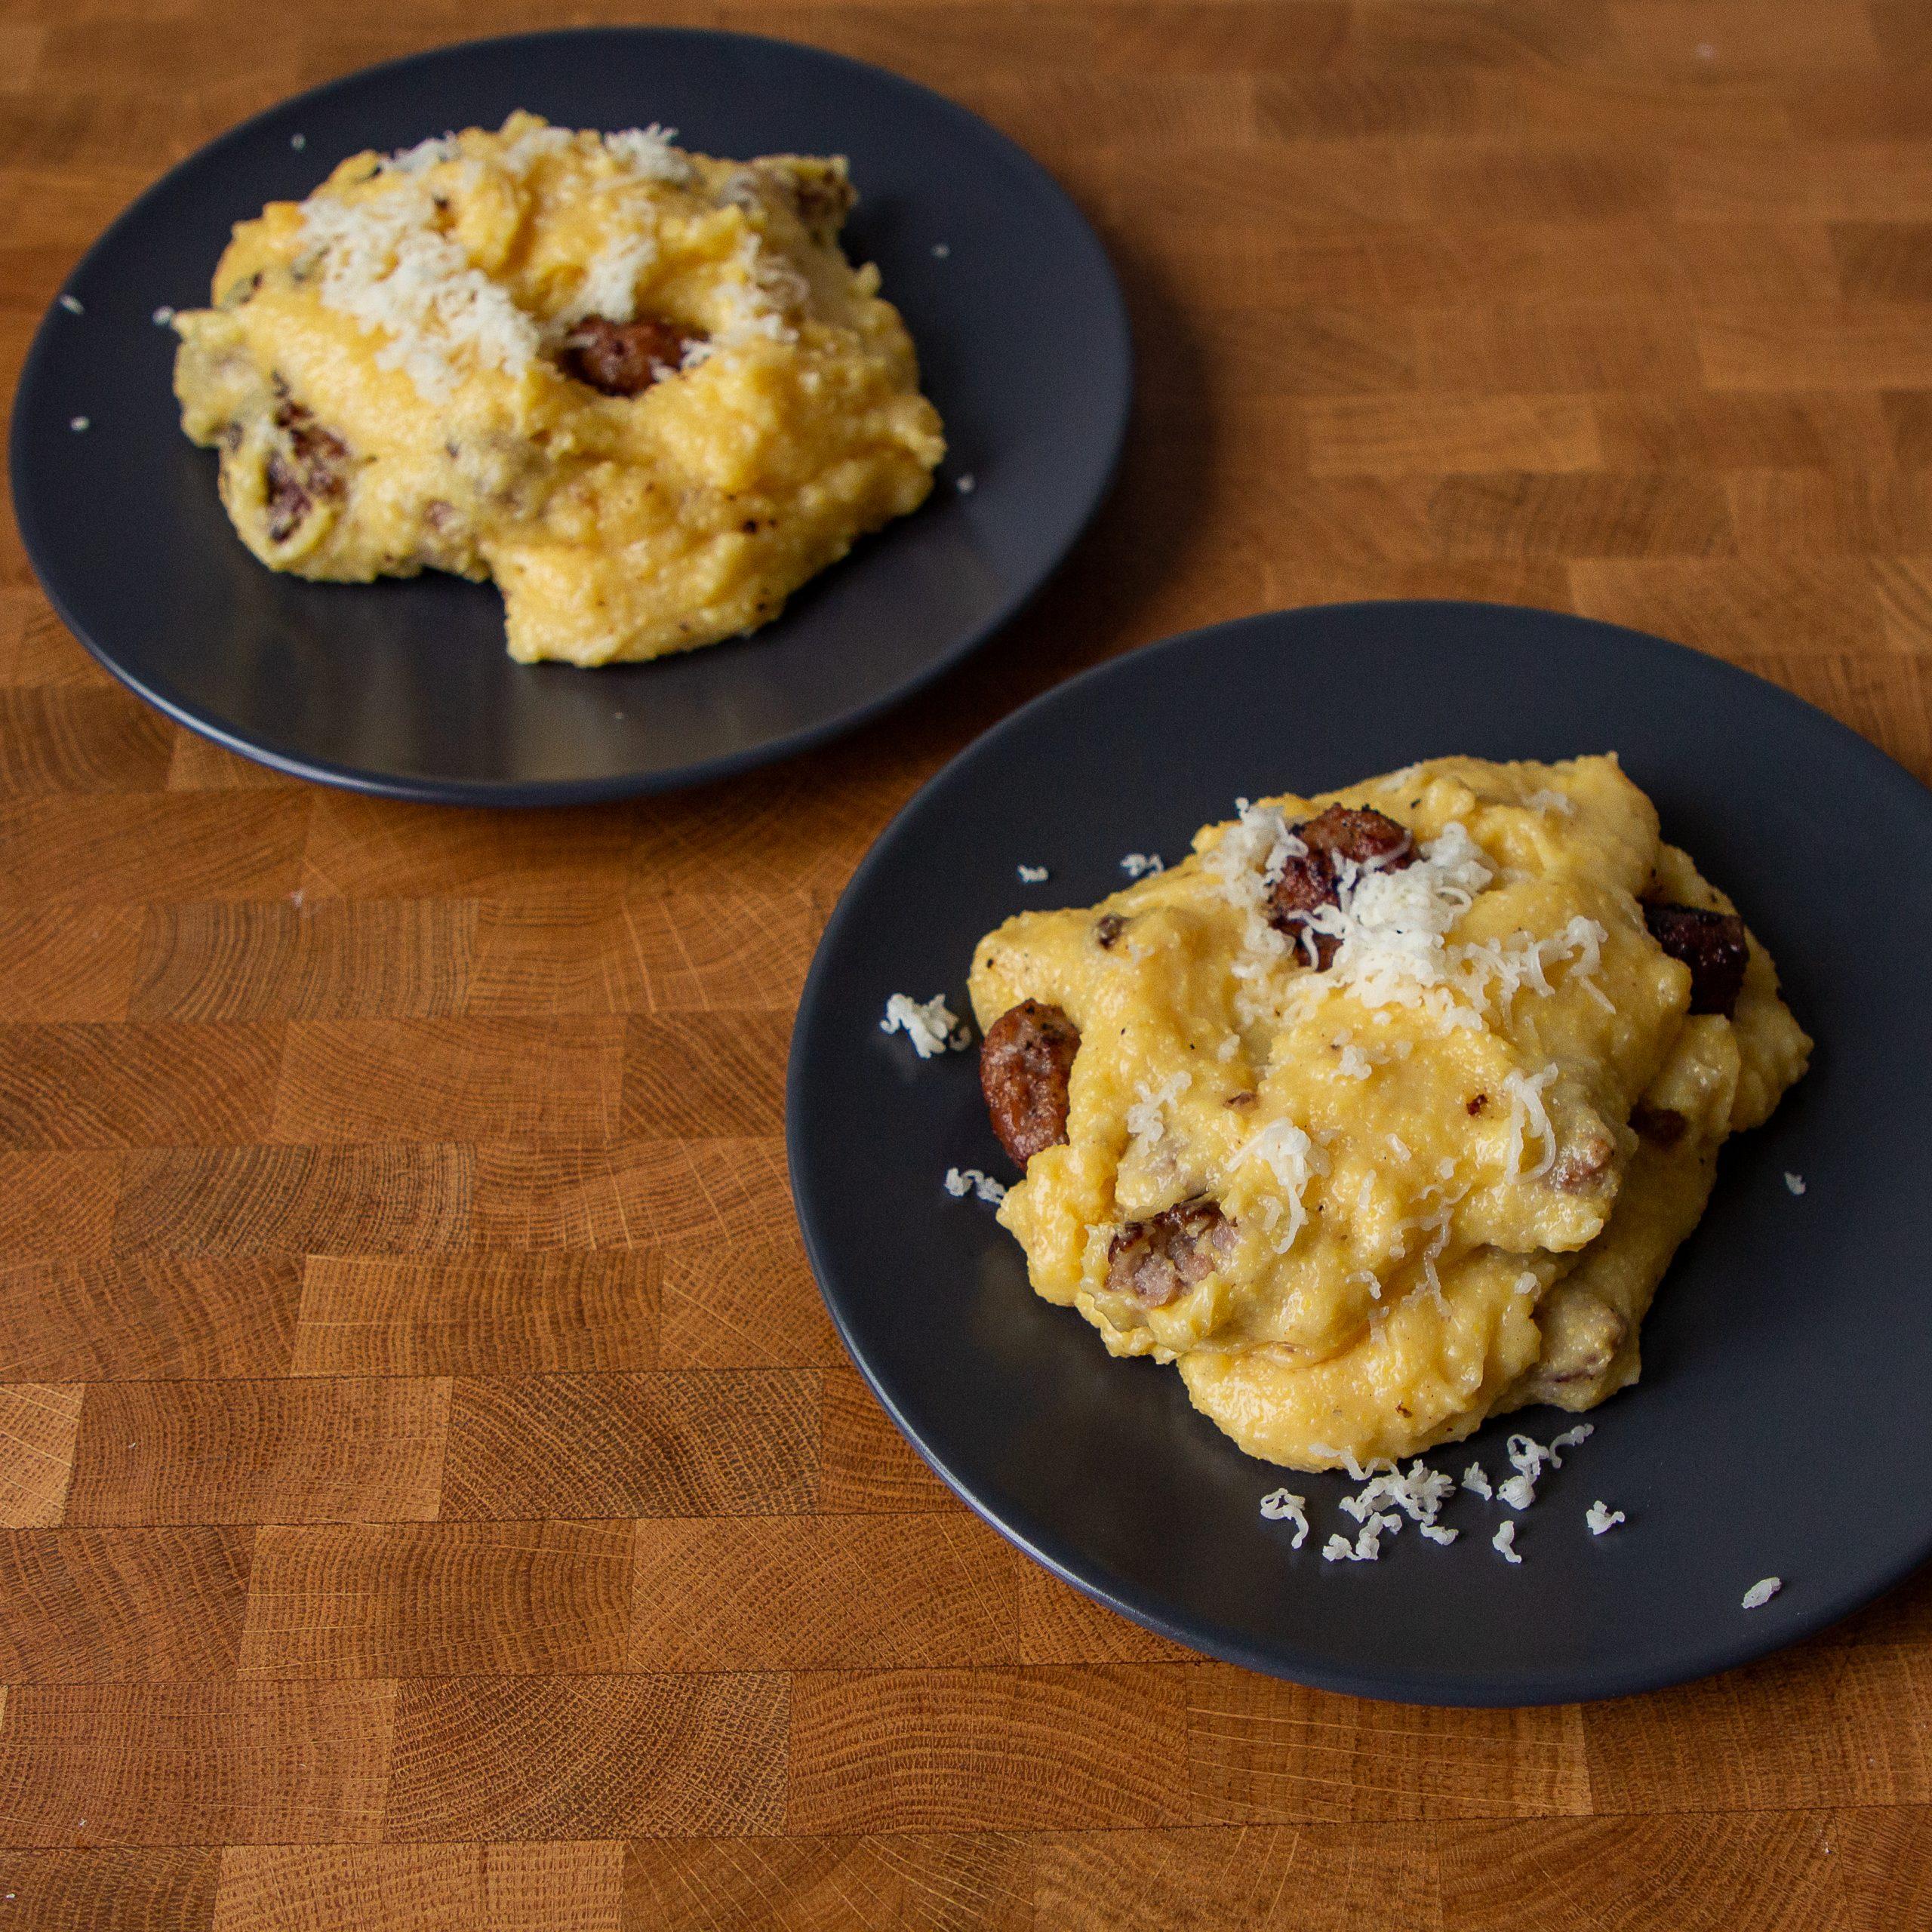 Northern Italian comfort food: cheesy sausage polenta